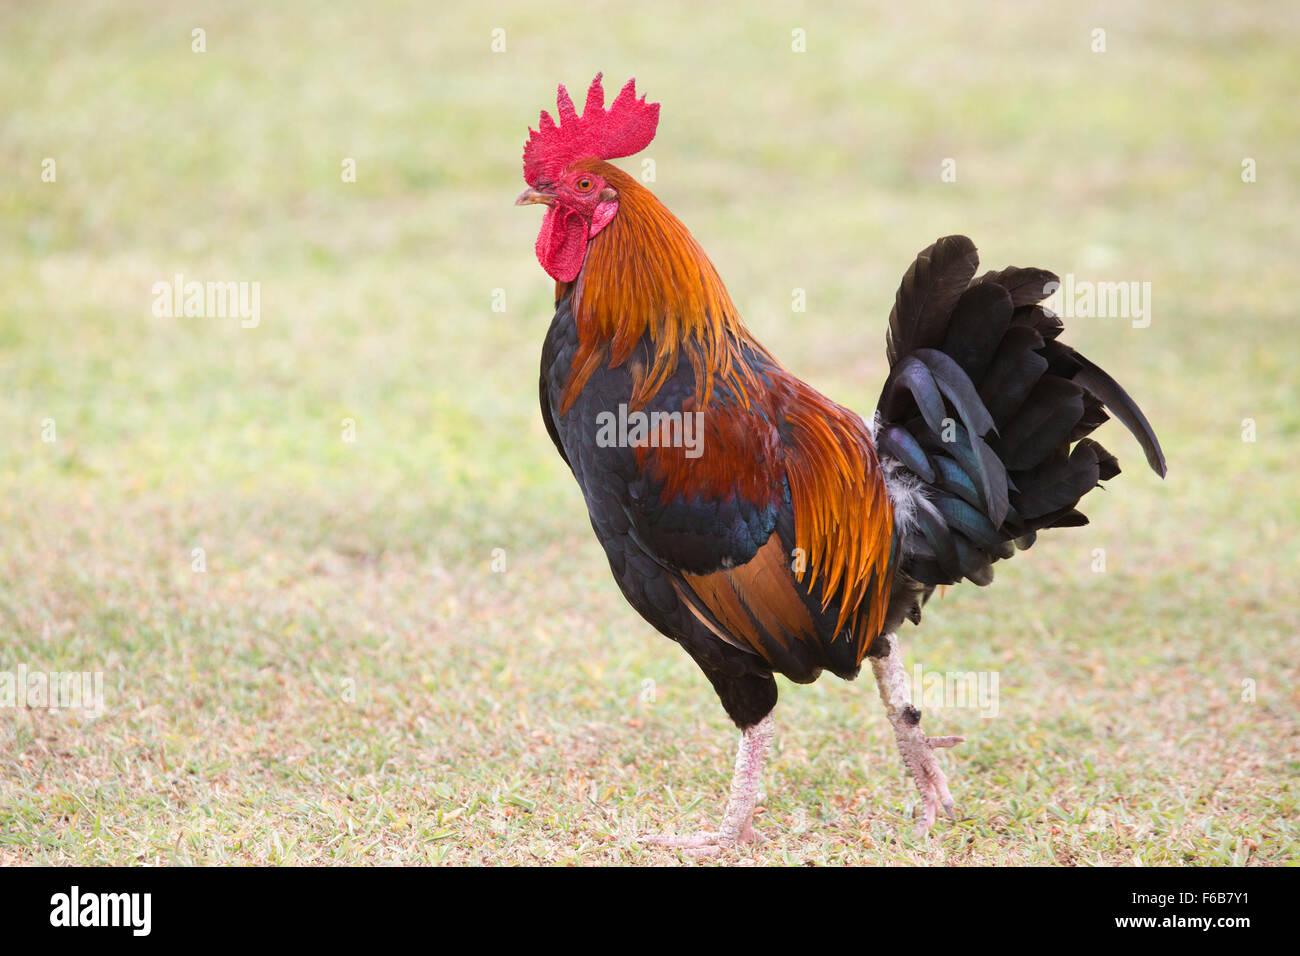 Kauai rooster (Gallus gallus domesticus) - Stock Image